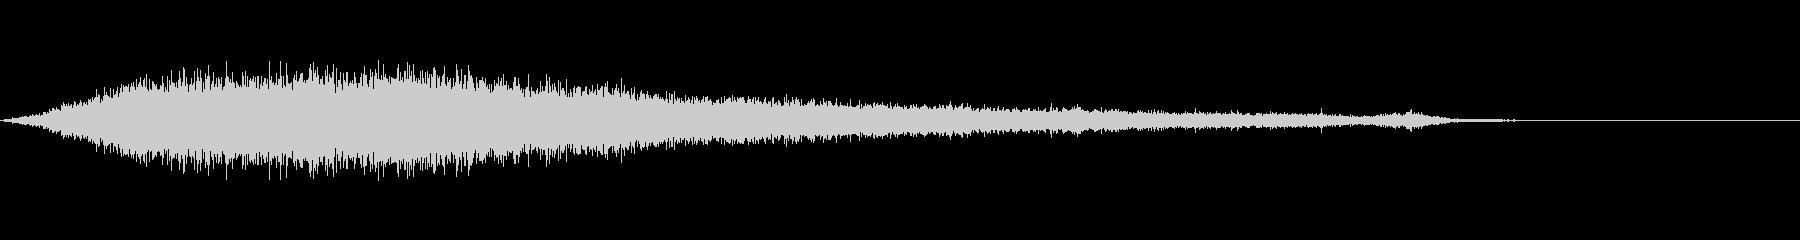 ワァーキャー!コンサートやライブ歓声21の未再生の波形